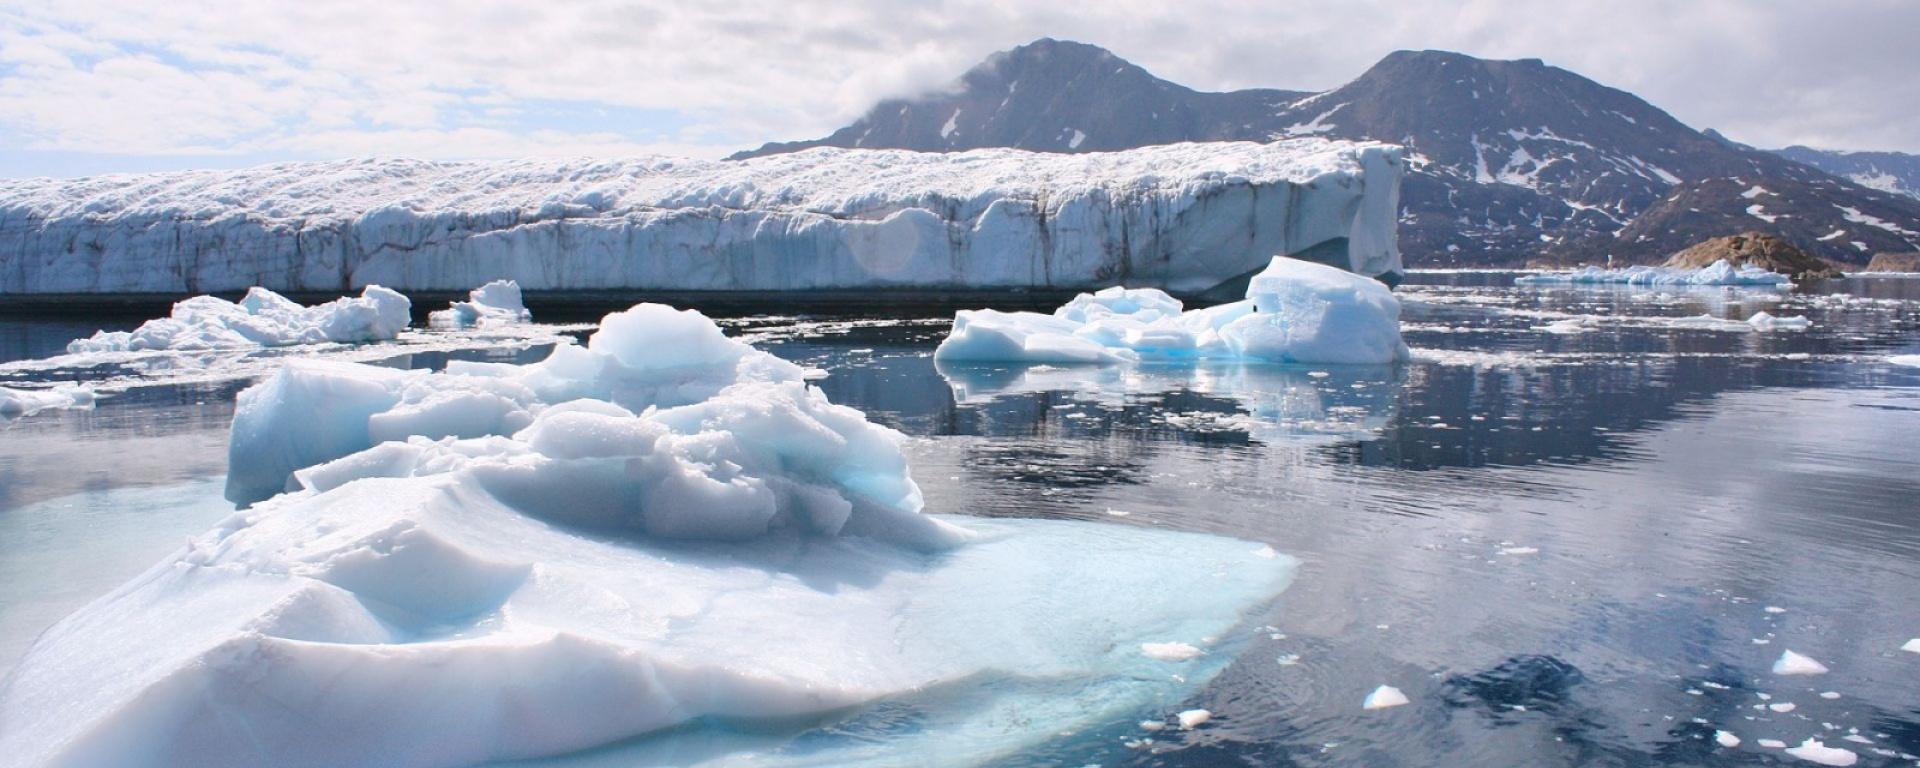 Greenland glaciers photo by Christine Zenino / Wikimedia